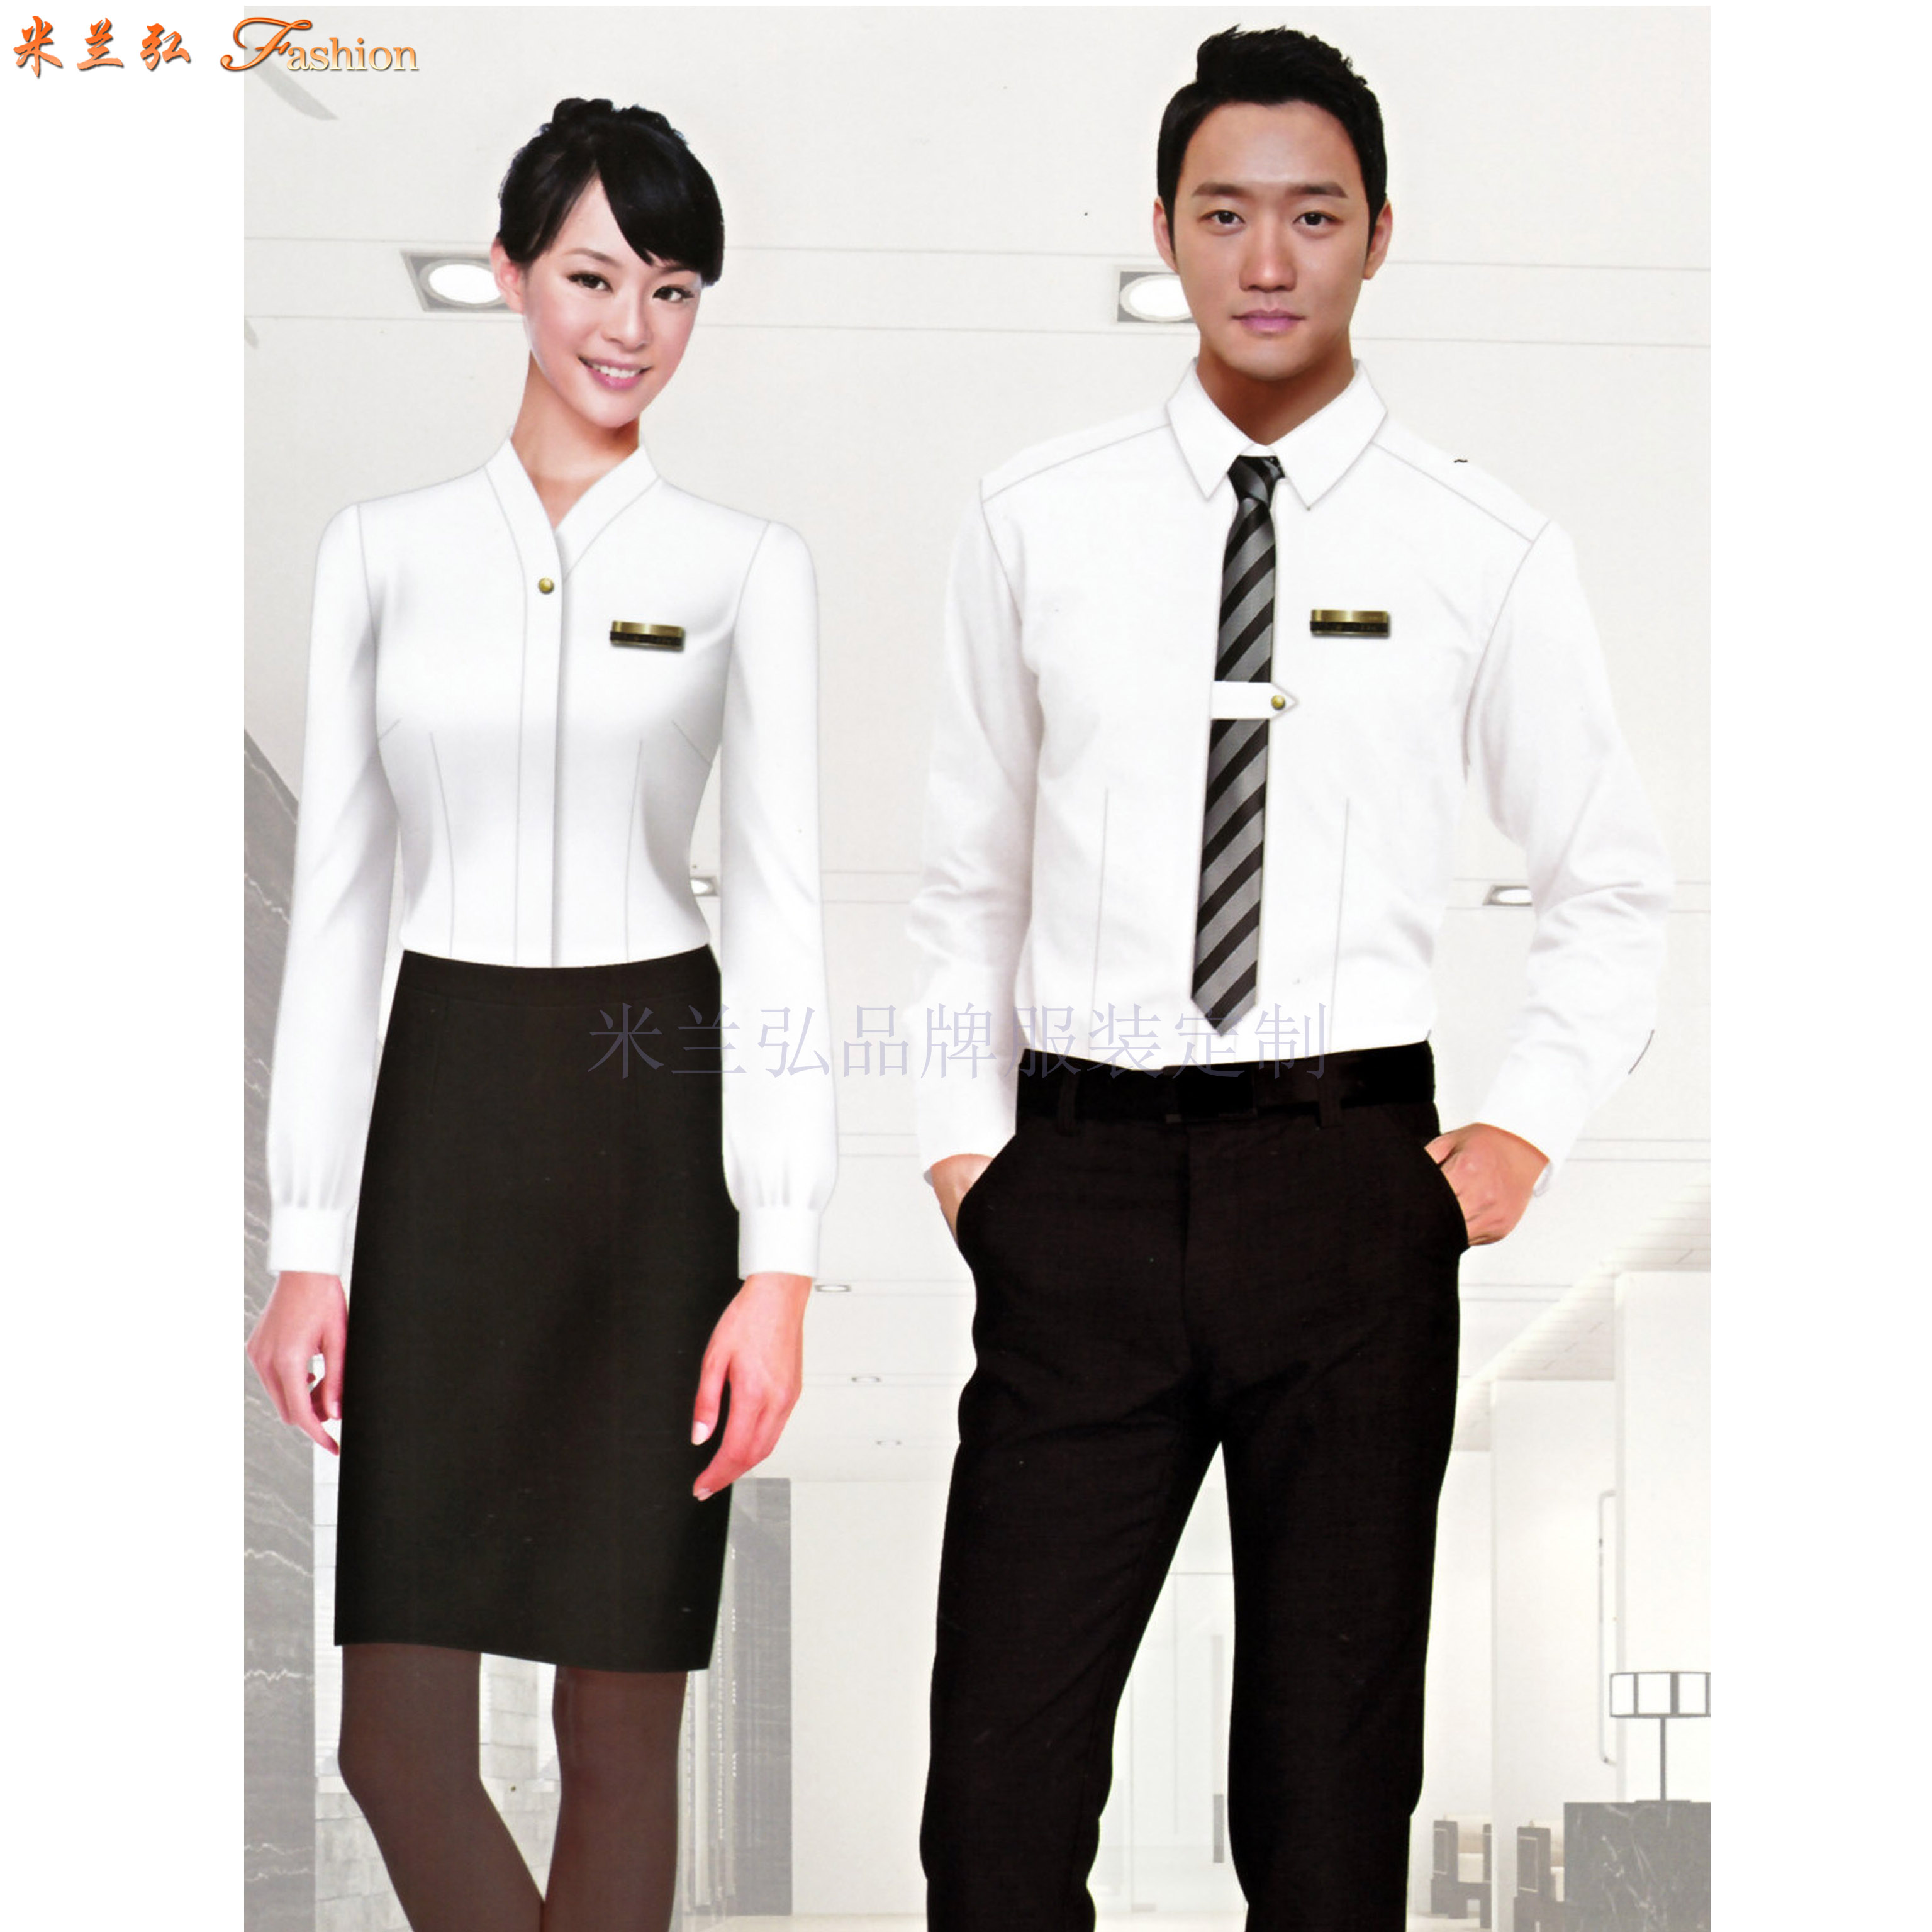 「衬衫」北京量体定制订做免熨商务衬衫的专业厂家-米兰弘服装-2